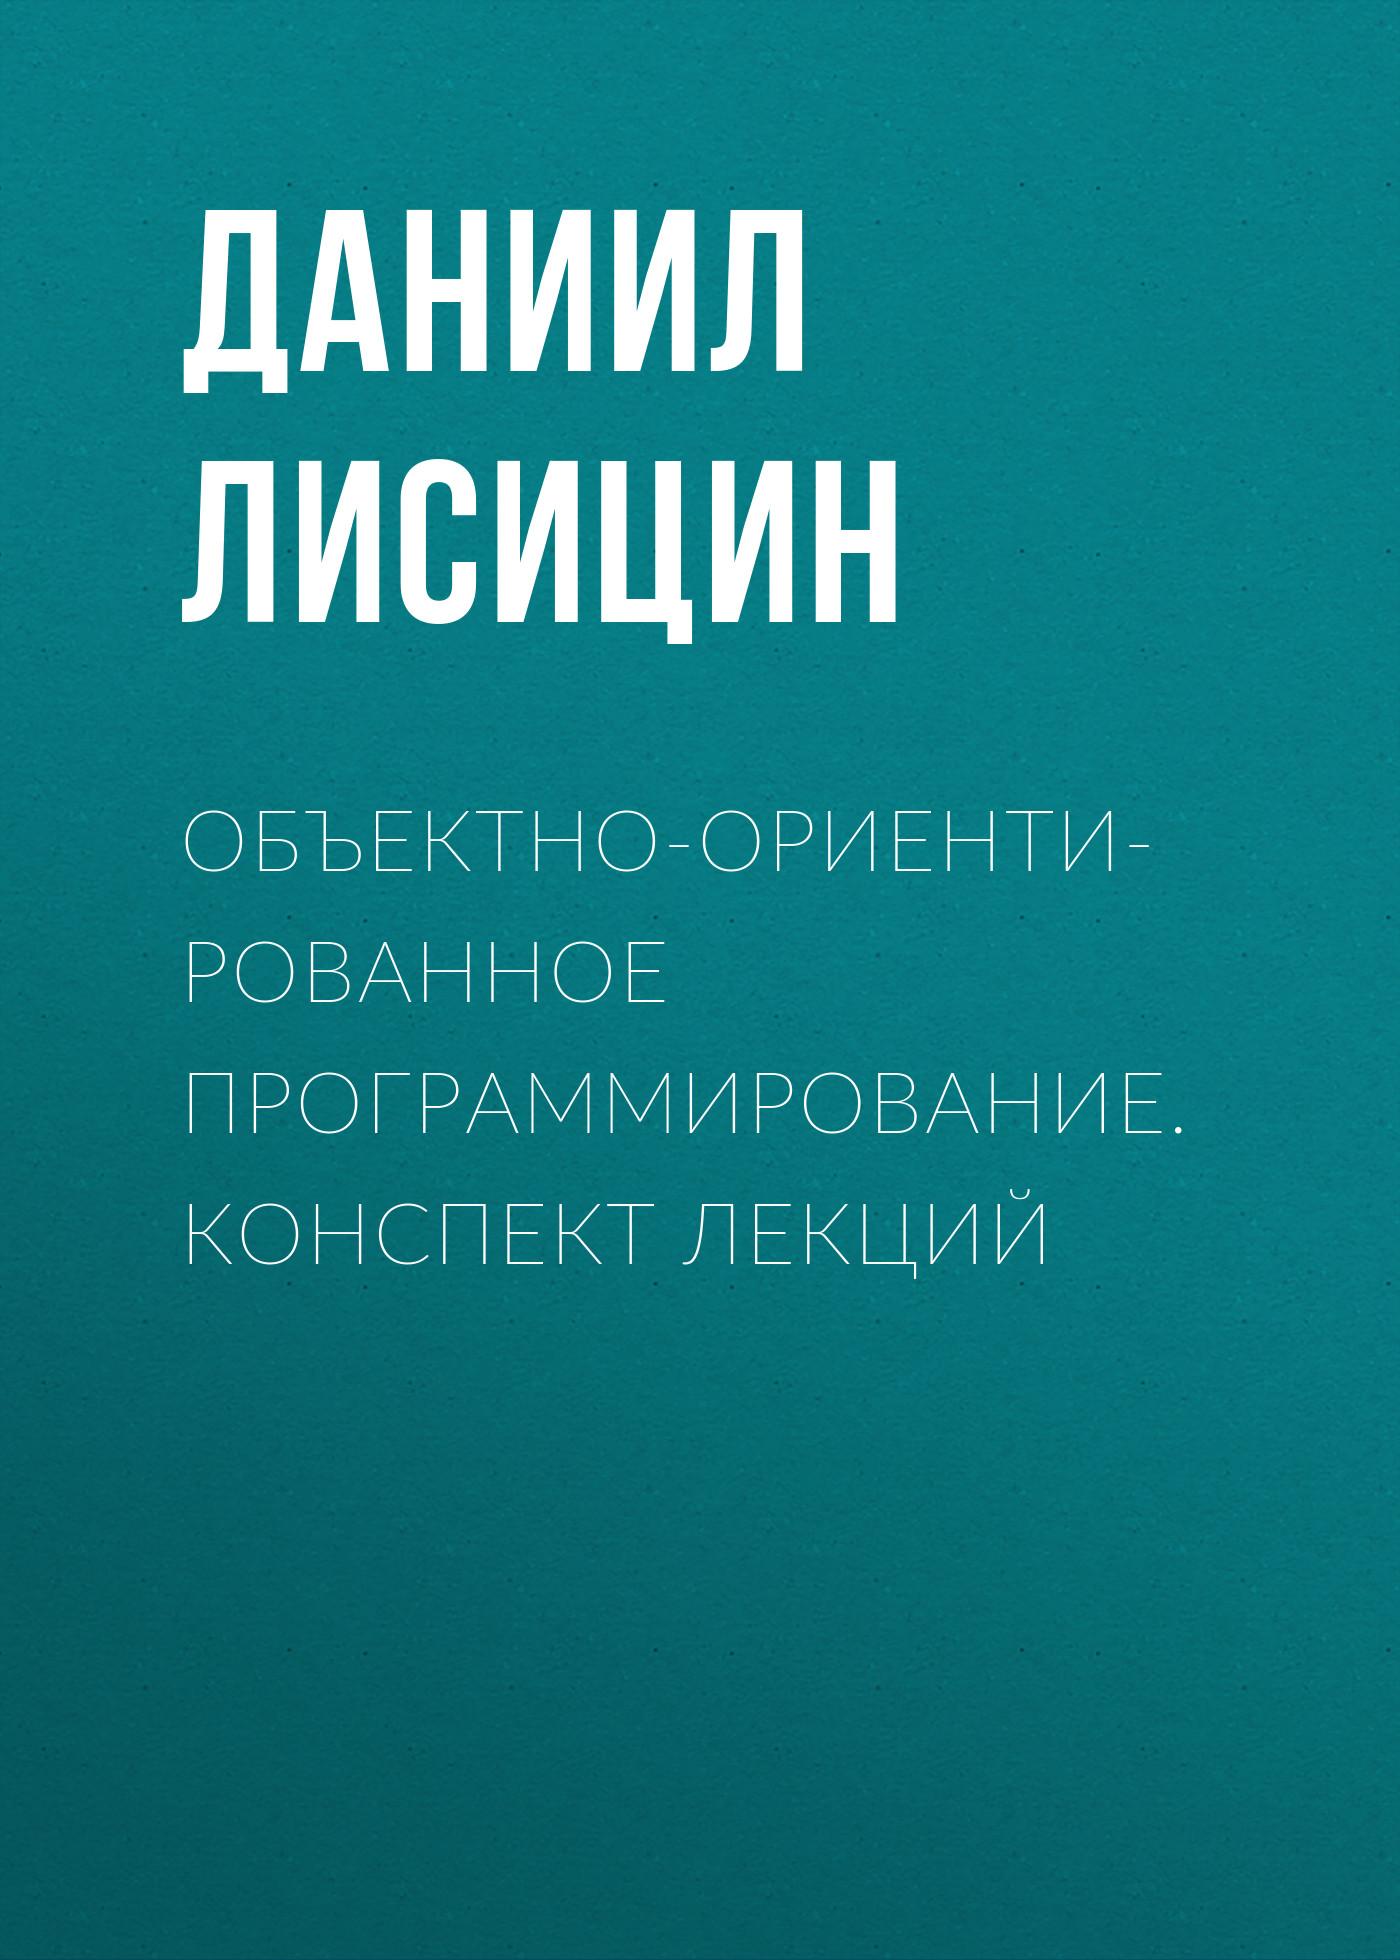 Даниил Лисицин Объектно-ориентированное программирование. Конспект лекций